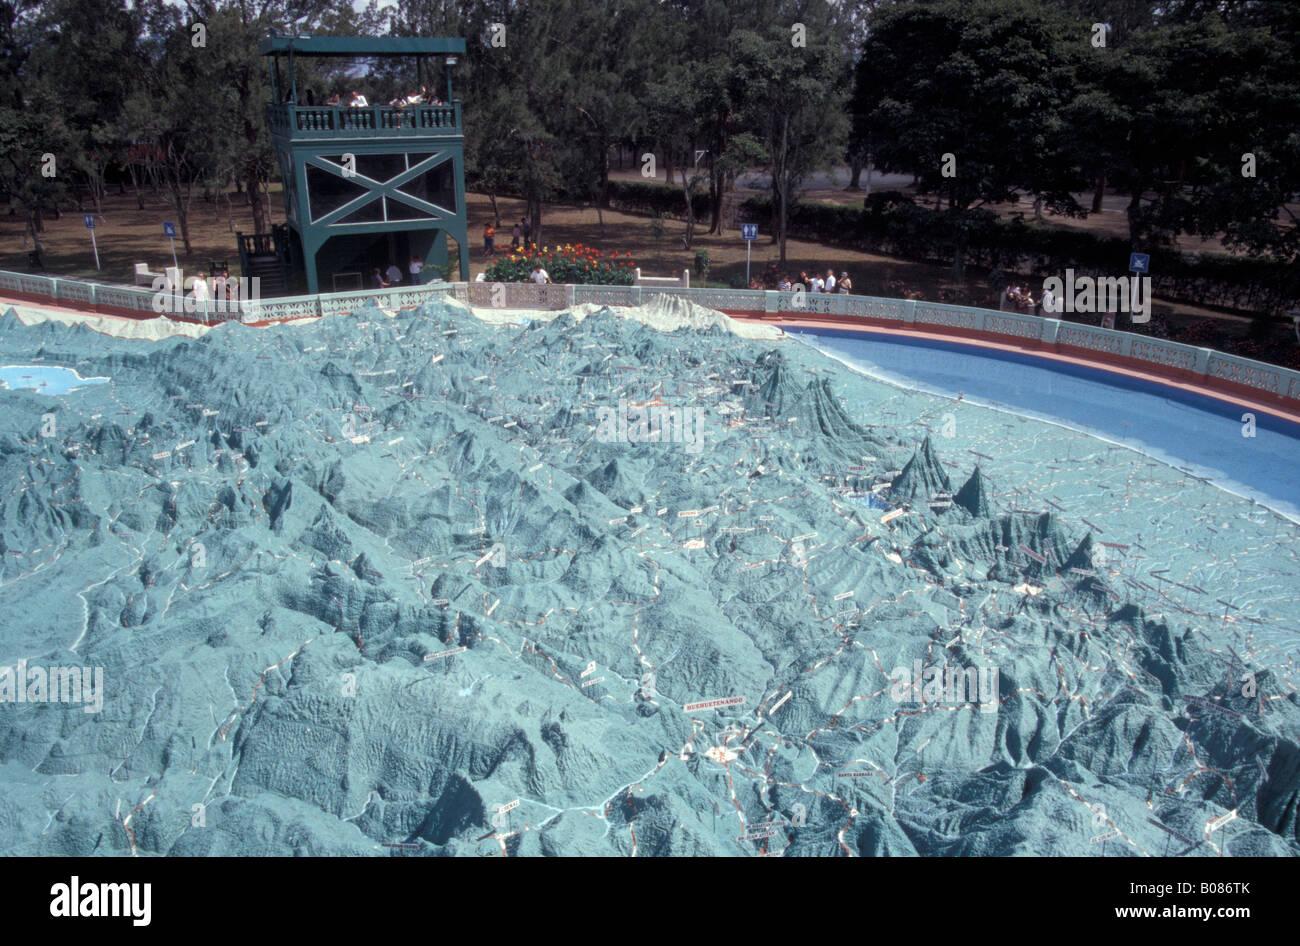 Le Mapa en soulager, une immense carte en relief du Guatemala à Parque Minerva, Guatemala City Photo Stock